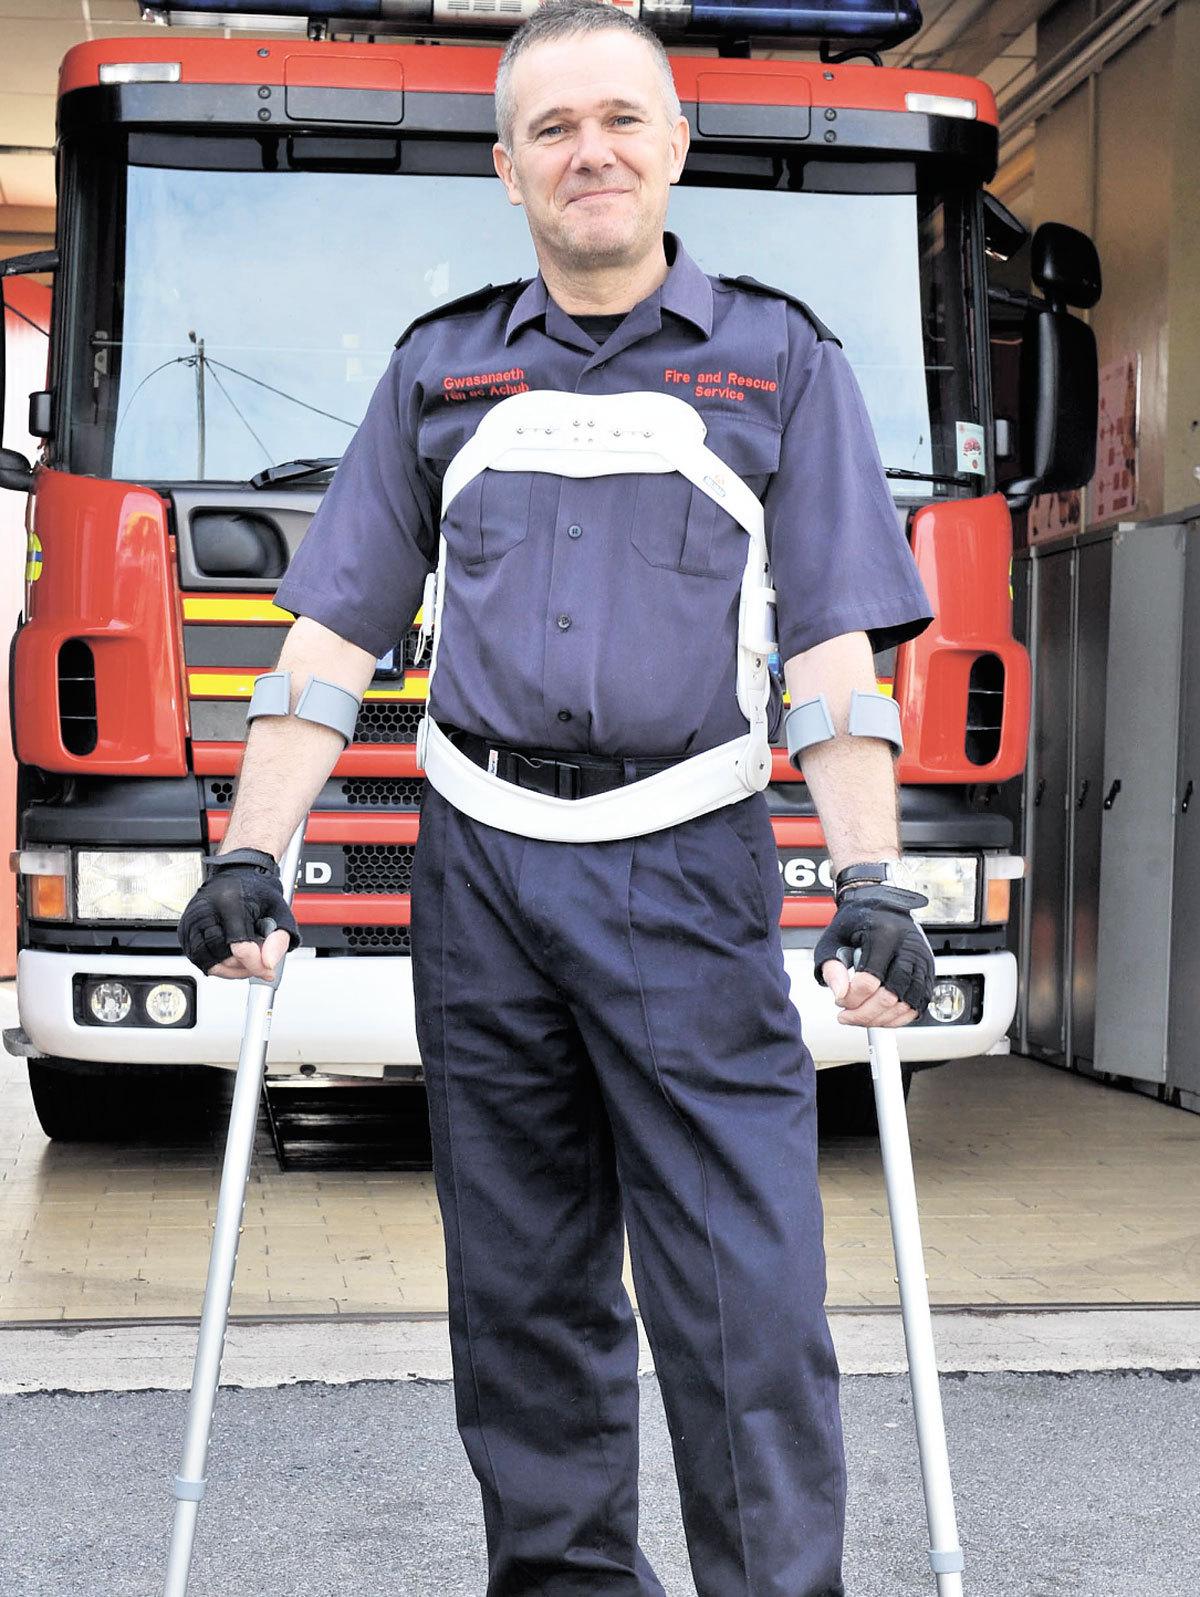 Fireman still recovering